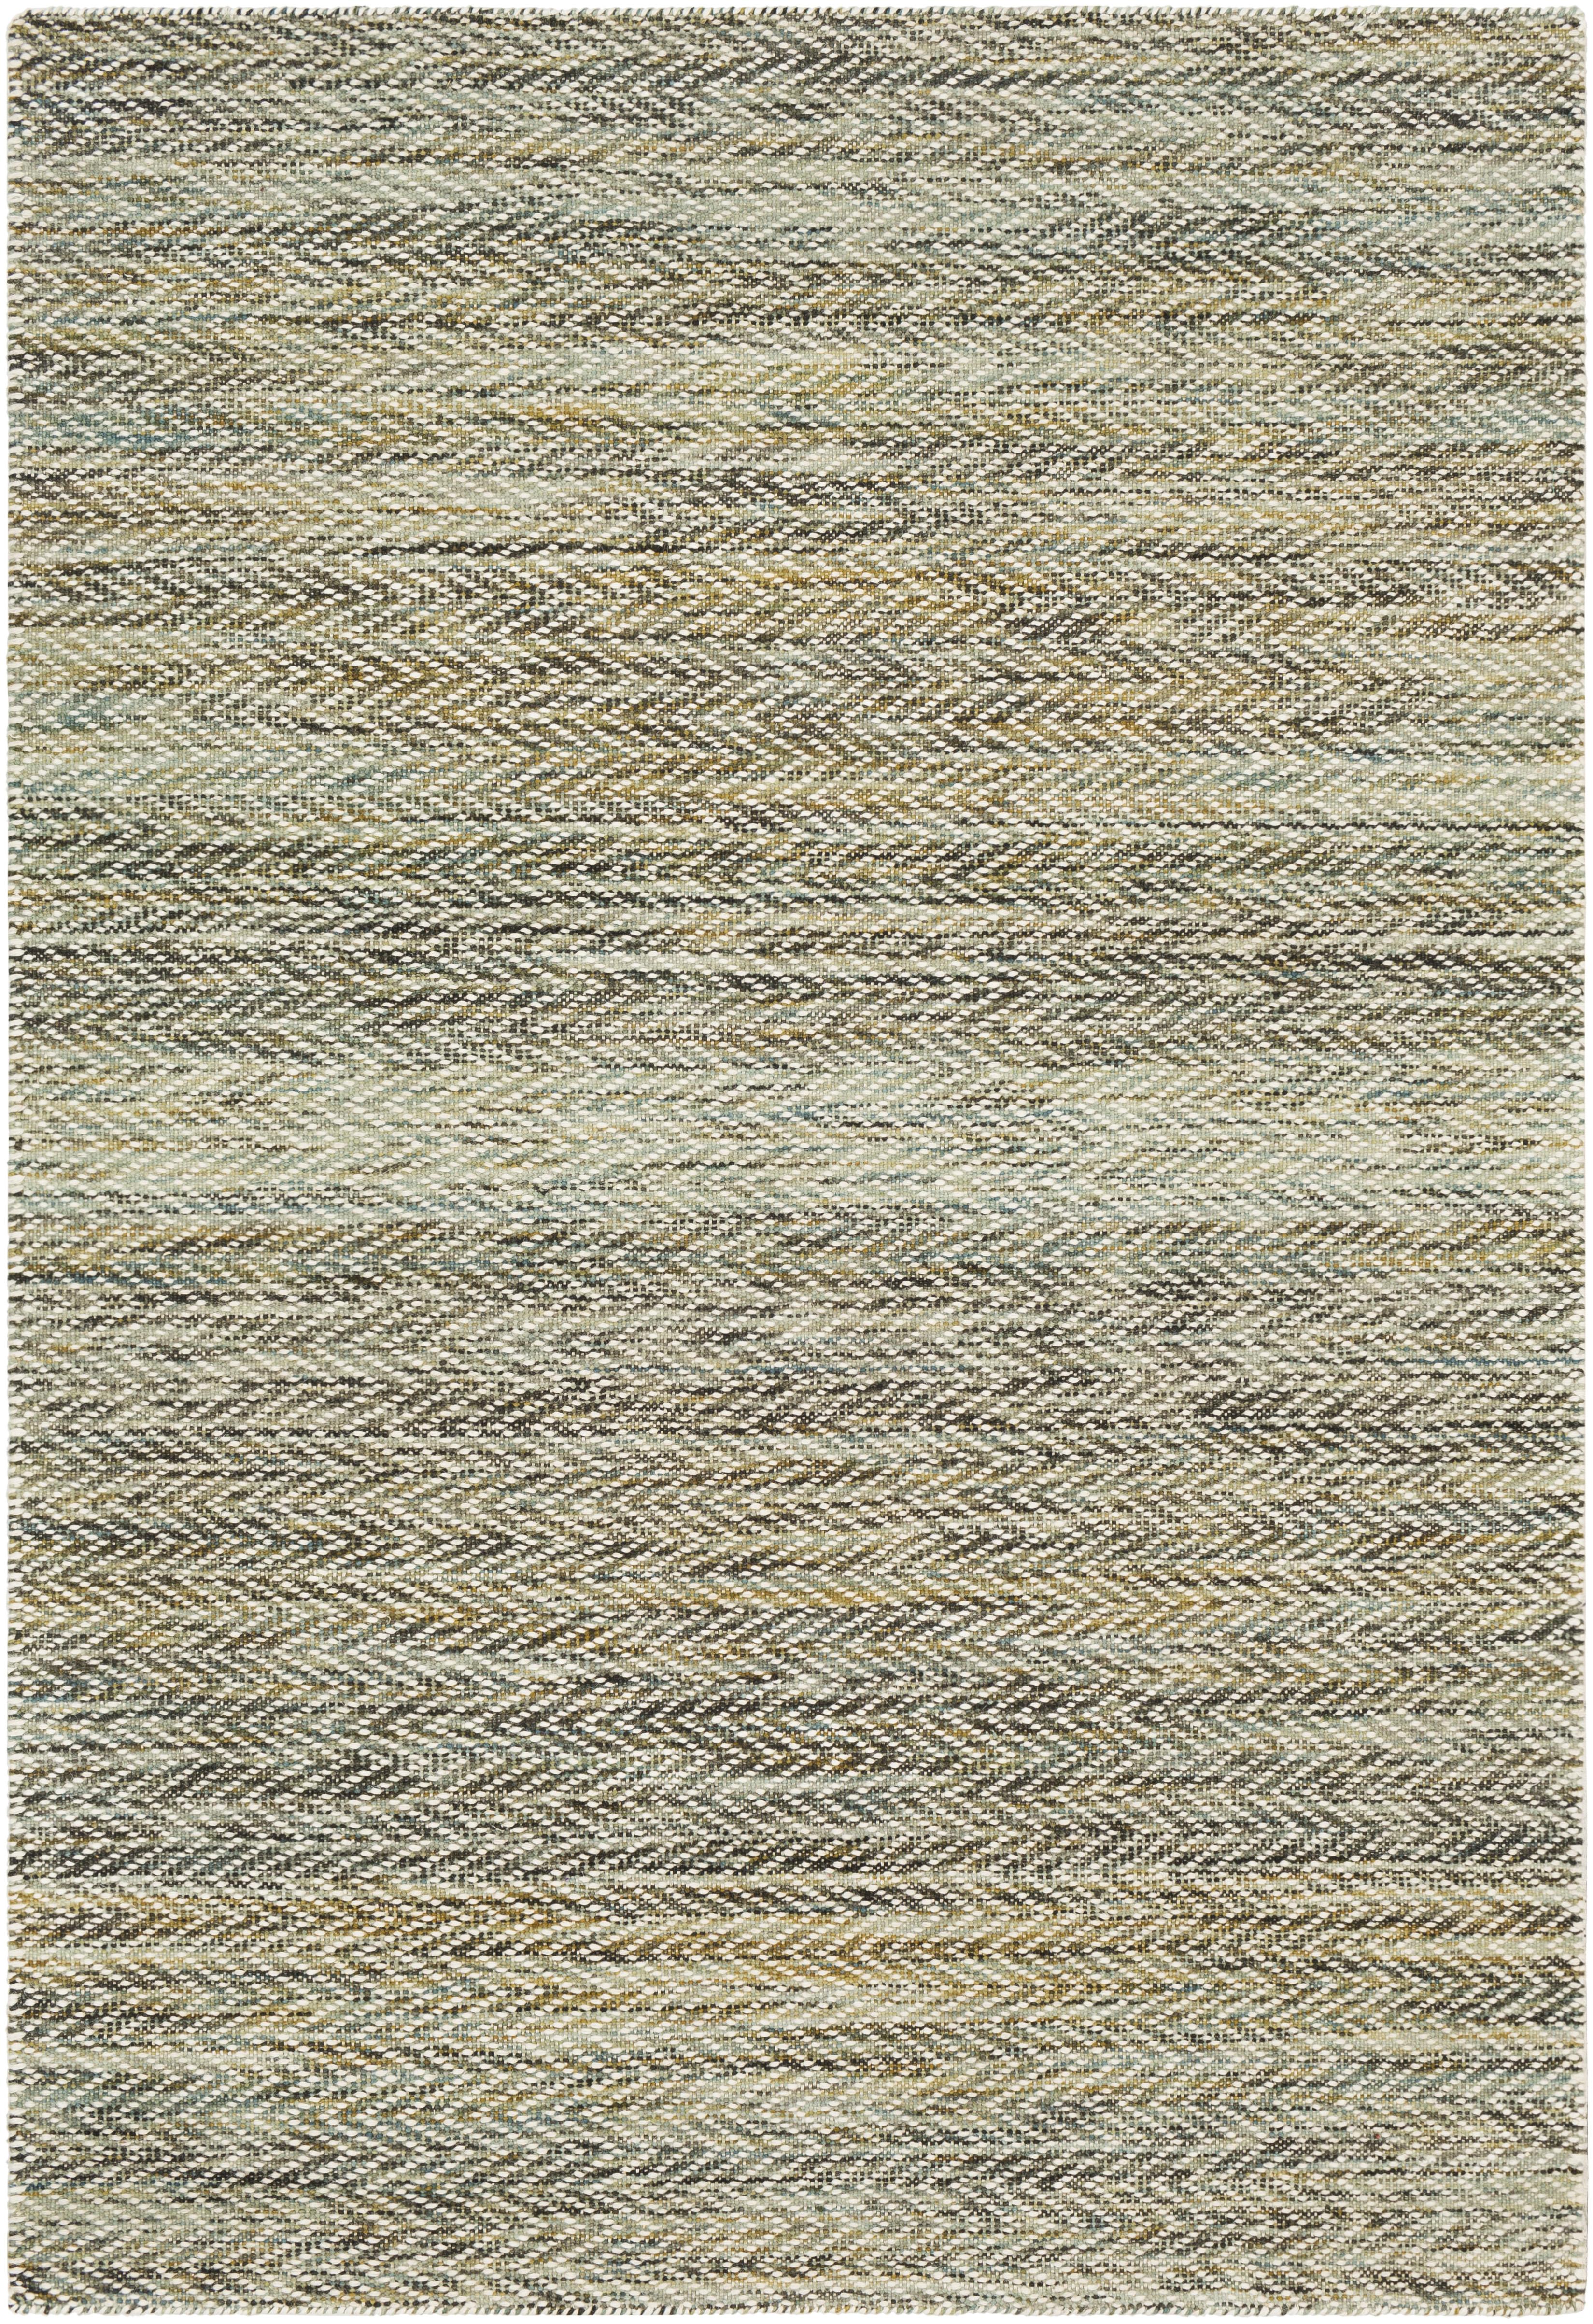 Surya Kinley rug